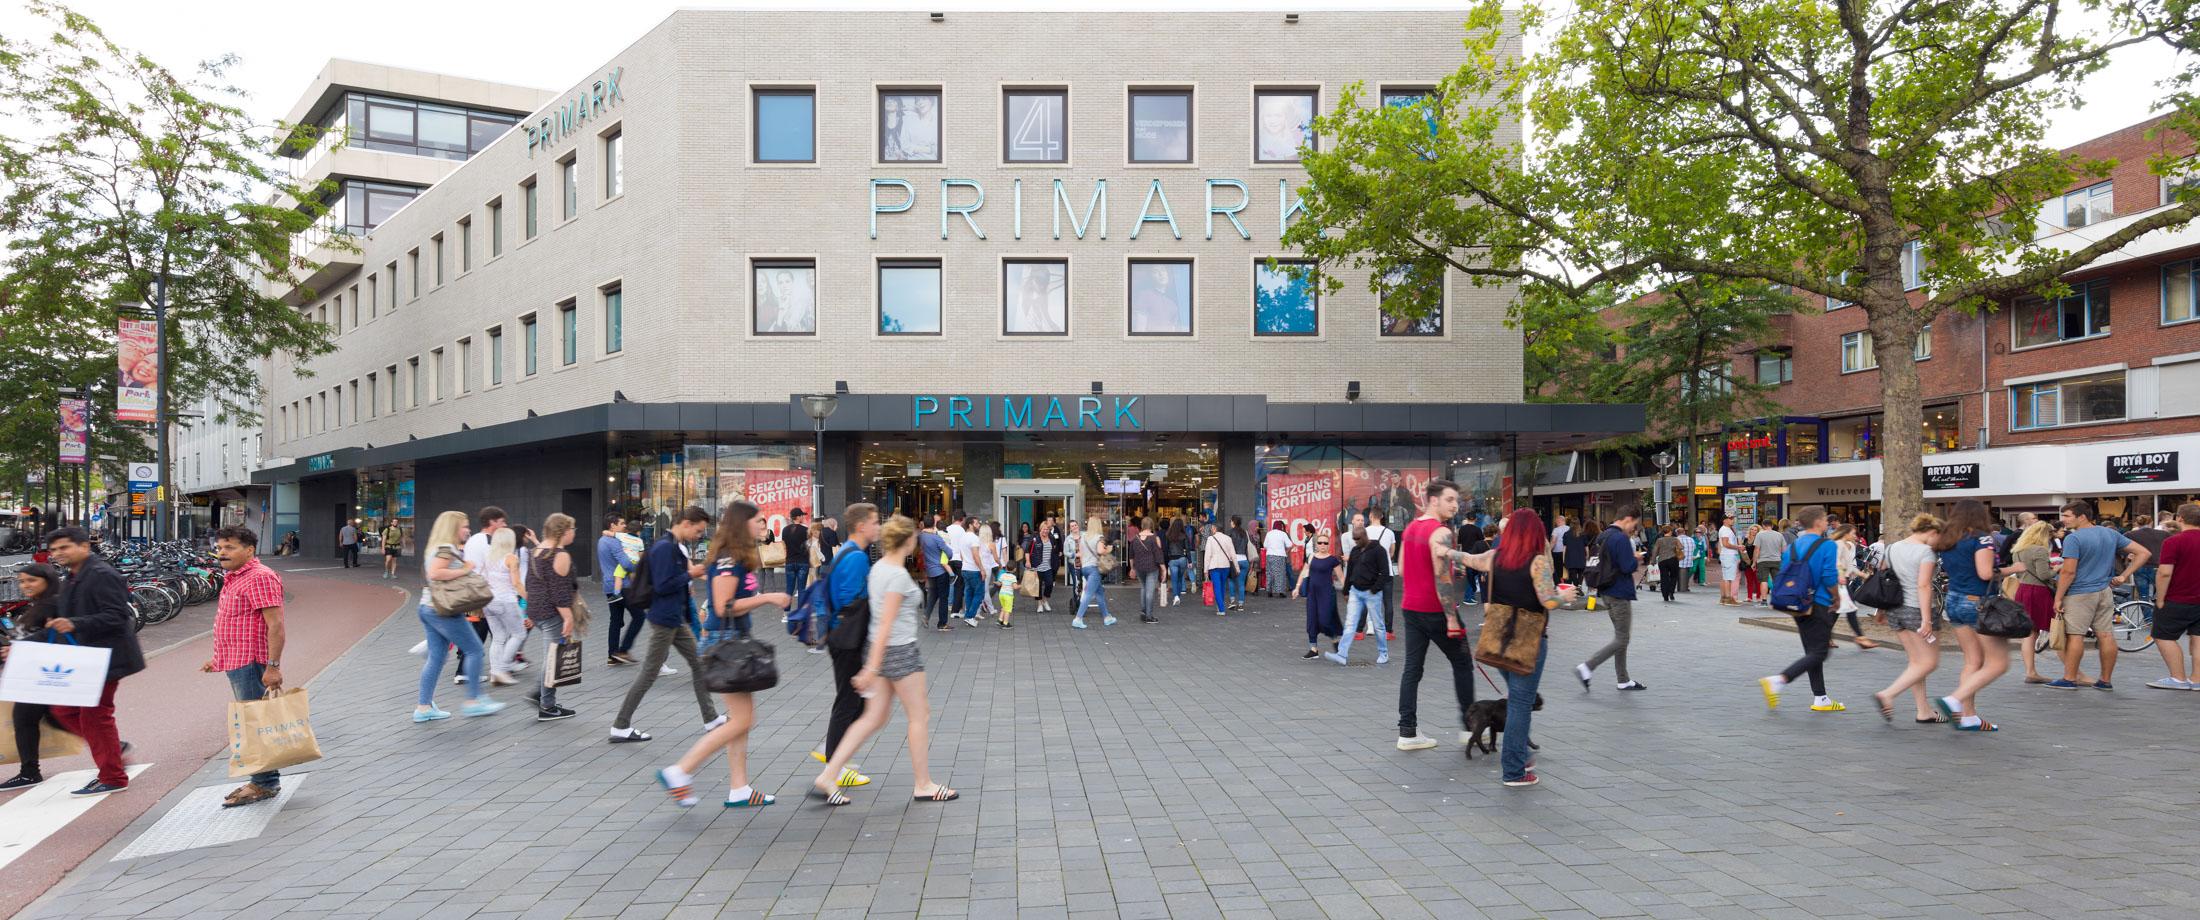 Eindhoven-Primark.jpg